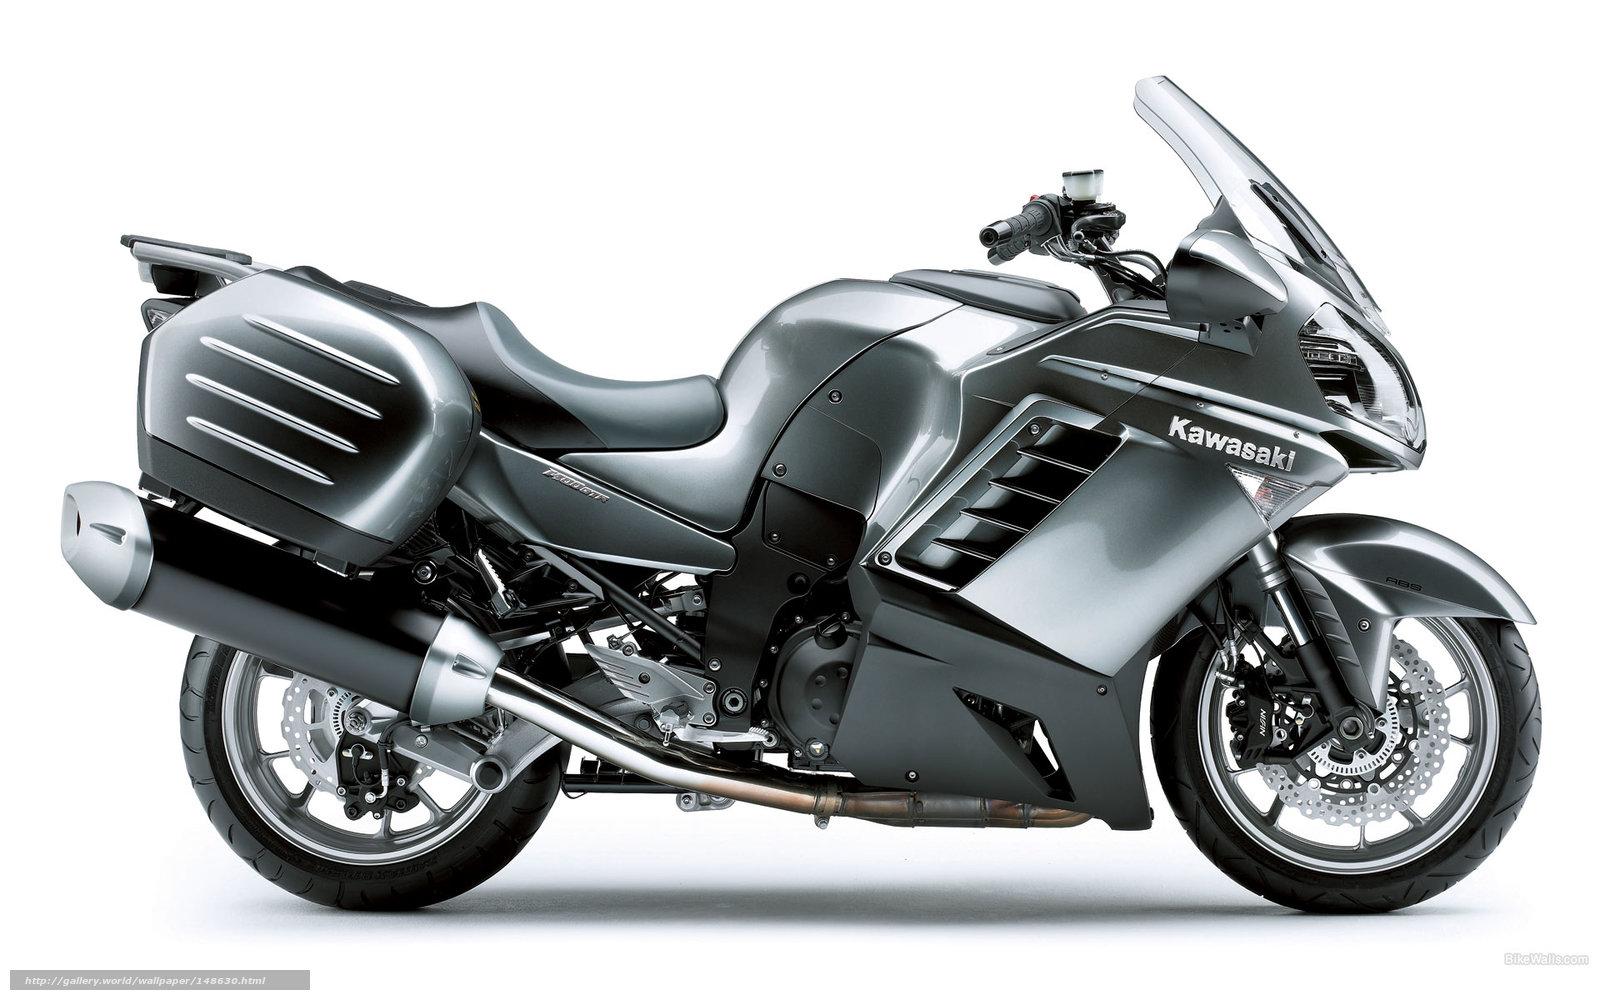 scaricare gli sfondi Kawasaki,  Tourer,  1400 GTR,  1400 GTR 2009 Sfondi gratis per la risoluzione del desktop 1920x1200 — immagine №148630